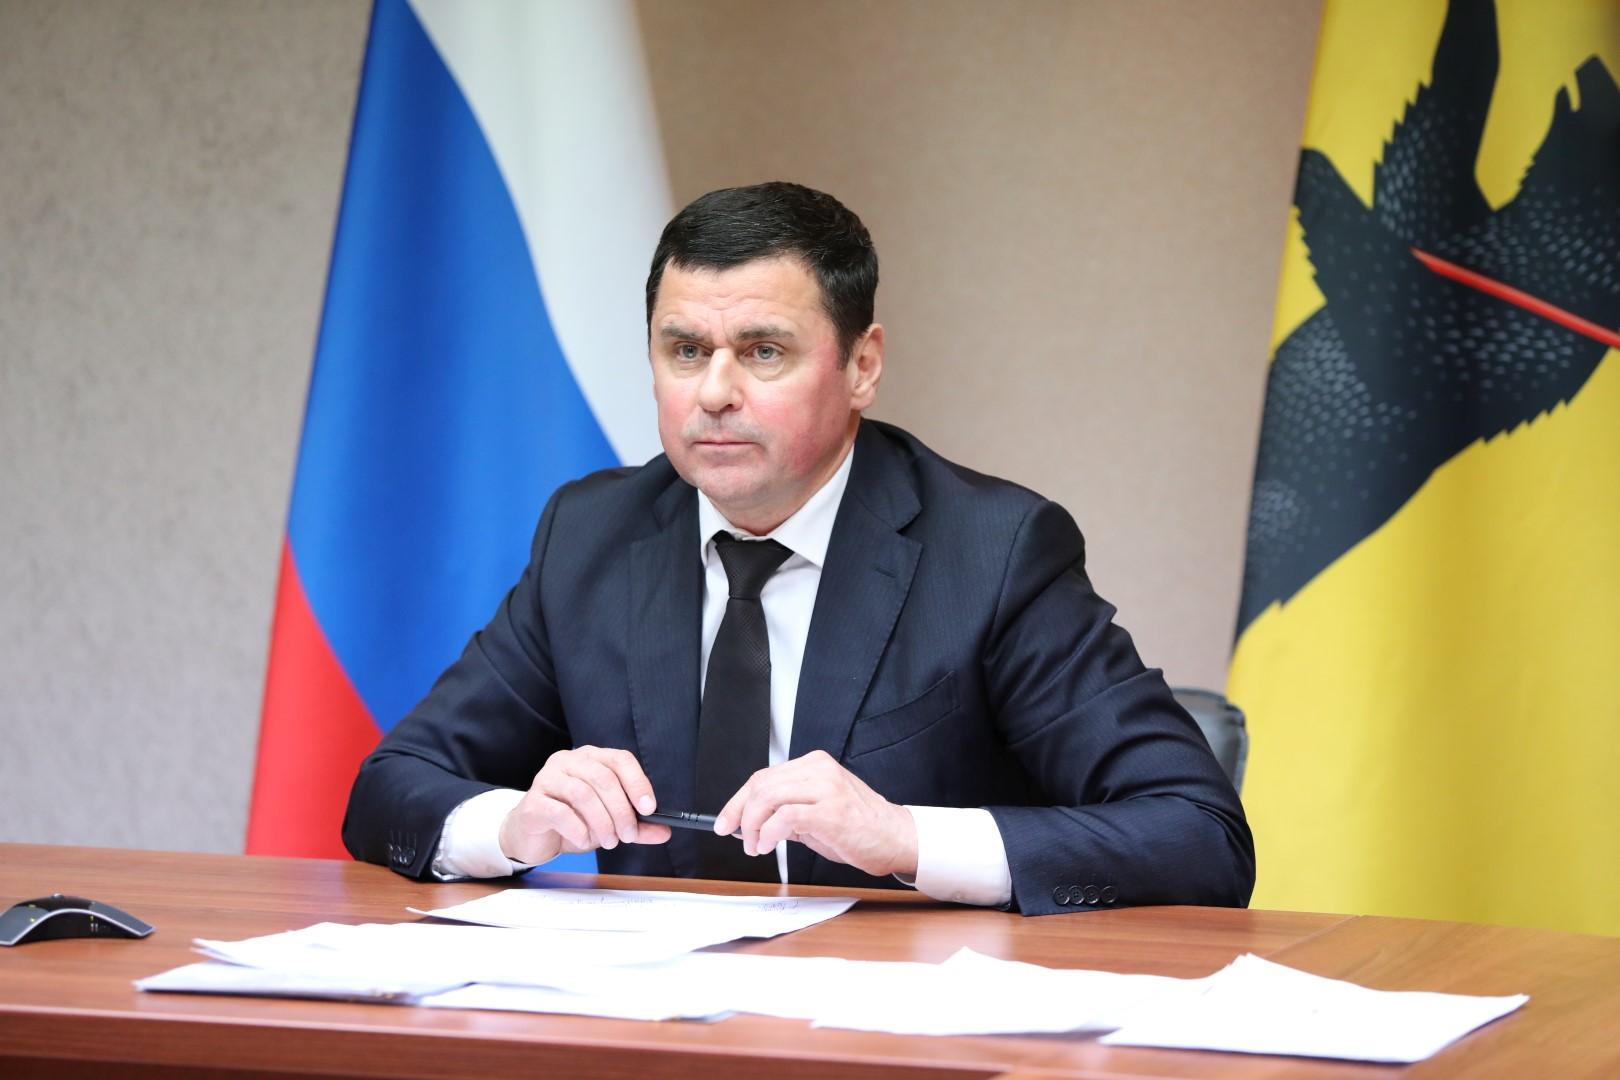 Дмитрий Миронов предложил лидерам фракций облдумы разработать партийные программы поддержки граждан